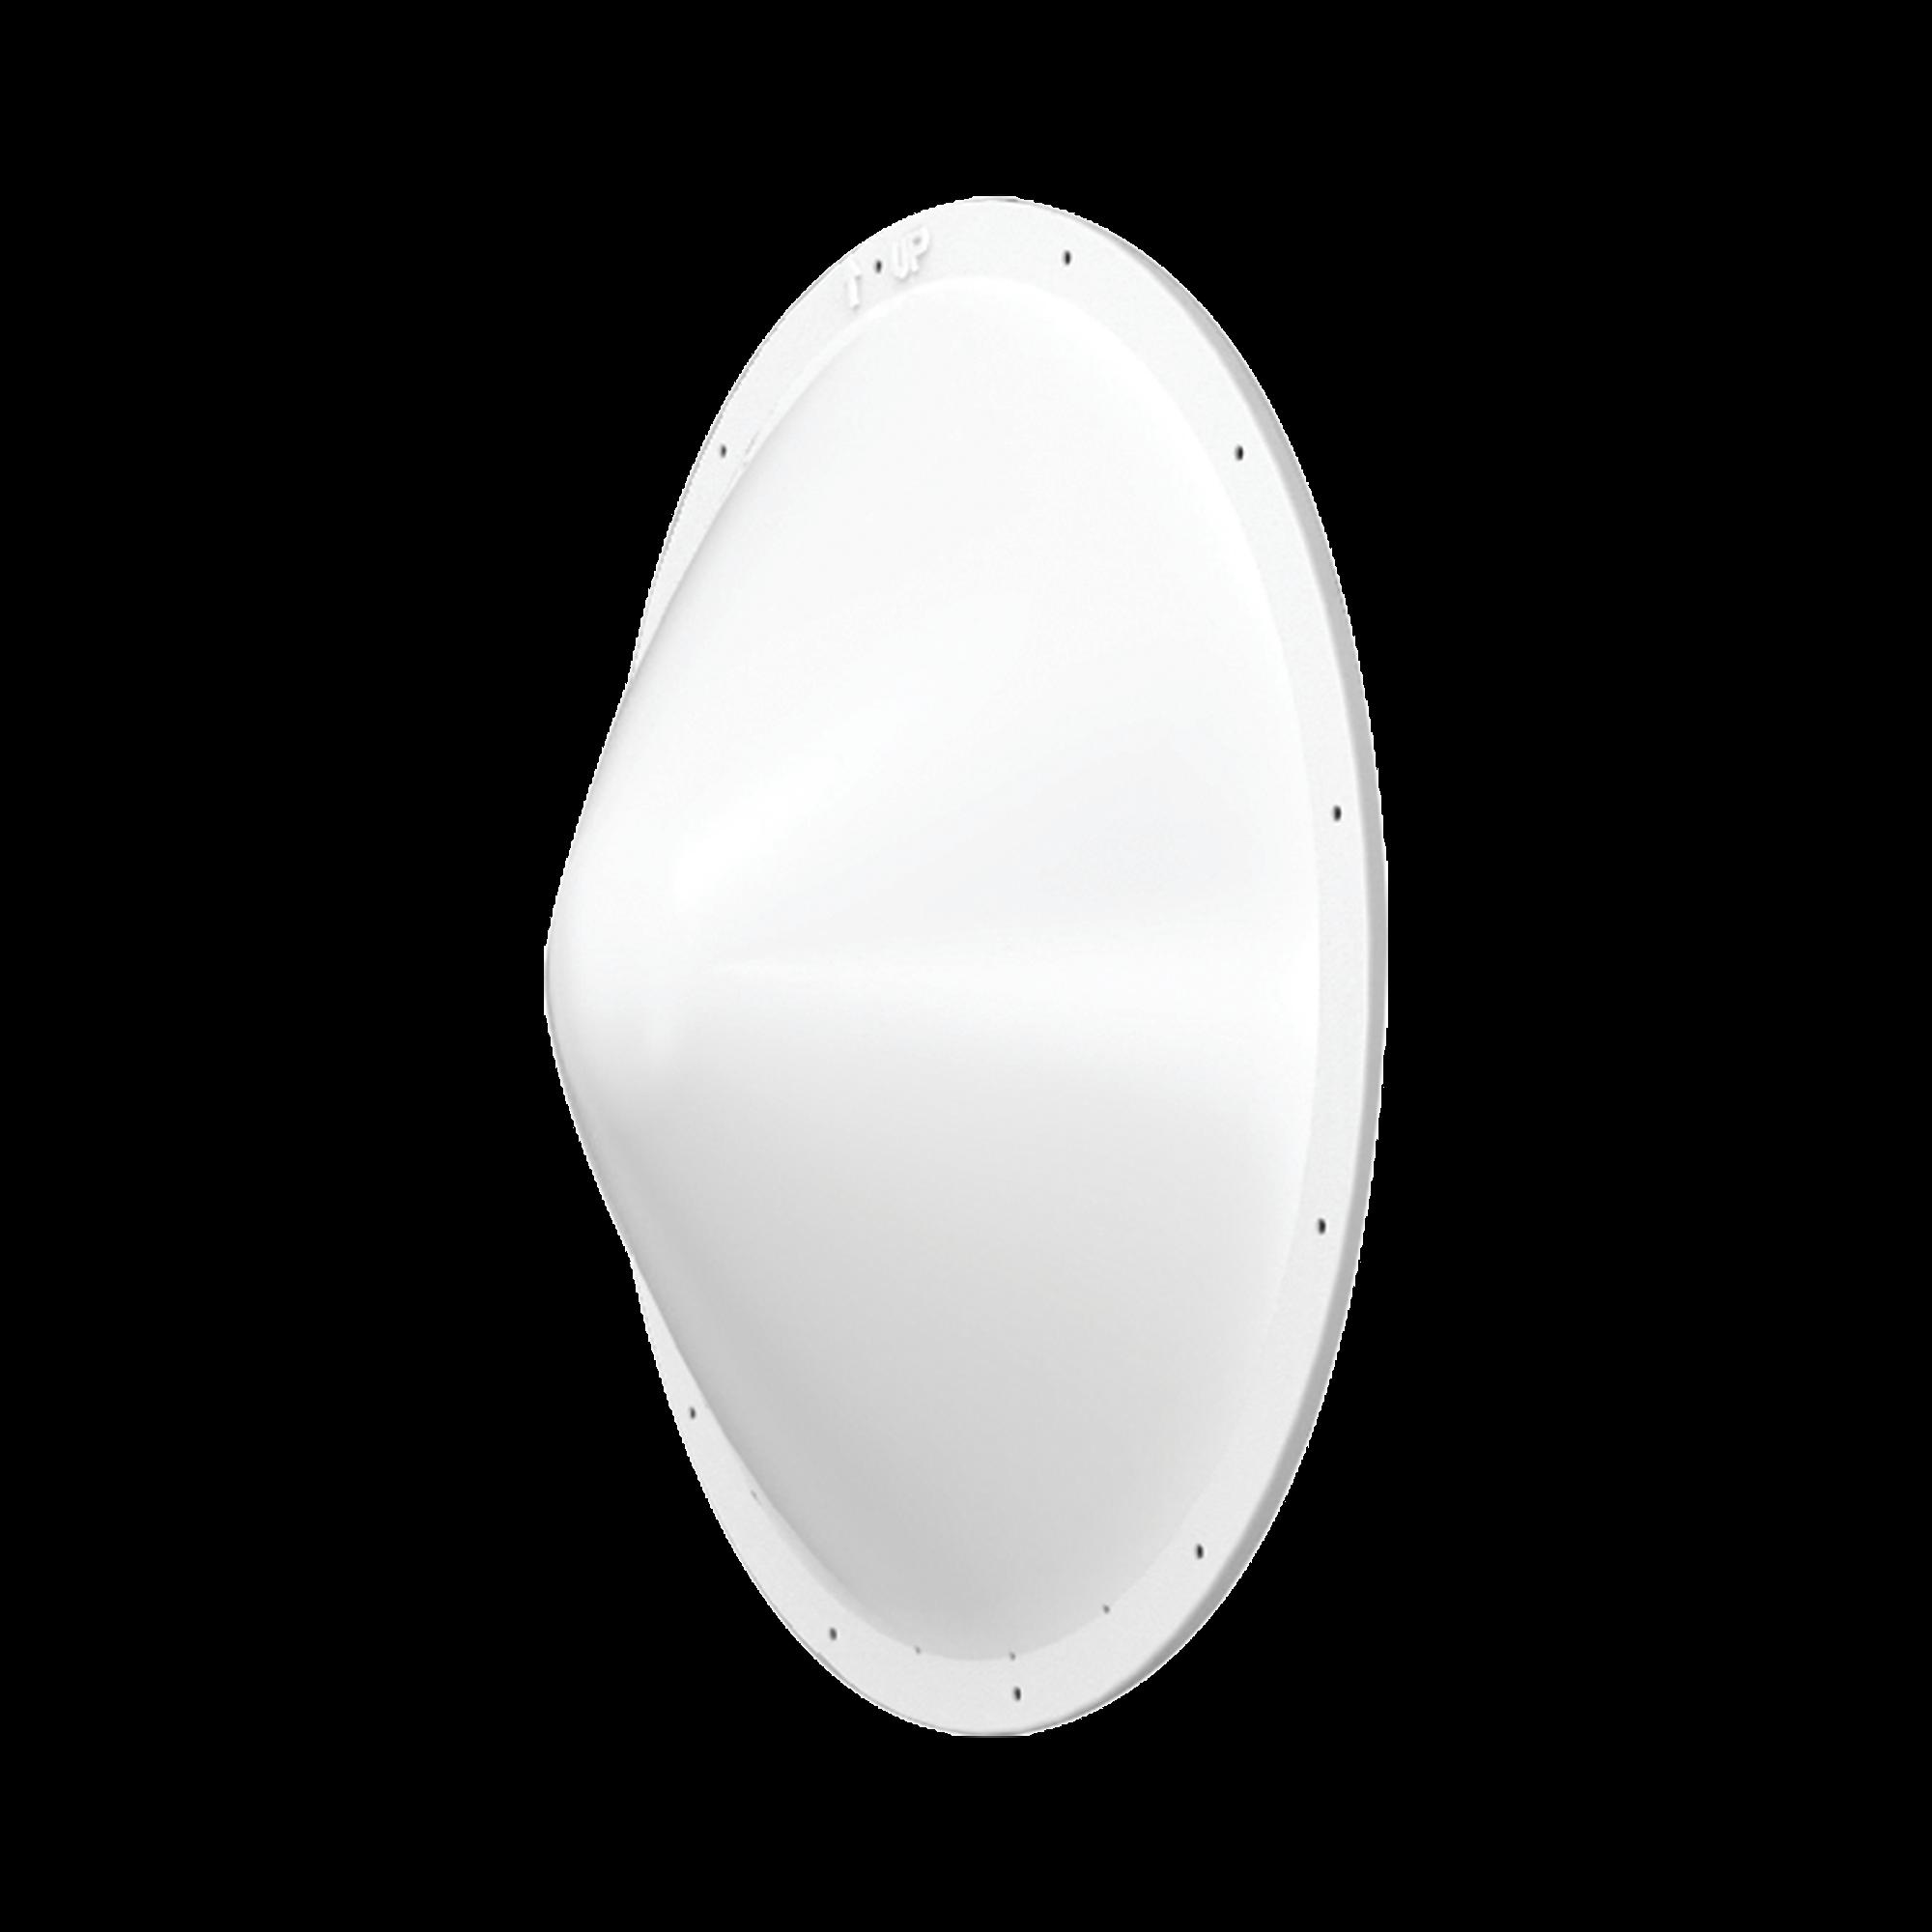 Radomo para antenas TXP-D4865-28-N y TXP-D4865-28-SMA, reduce la carga de viento y mejora la estabilidad del enlace, resistente a cualquier tipo de intemperie